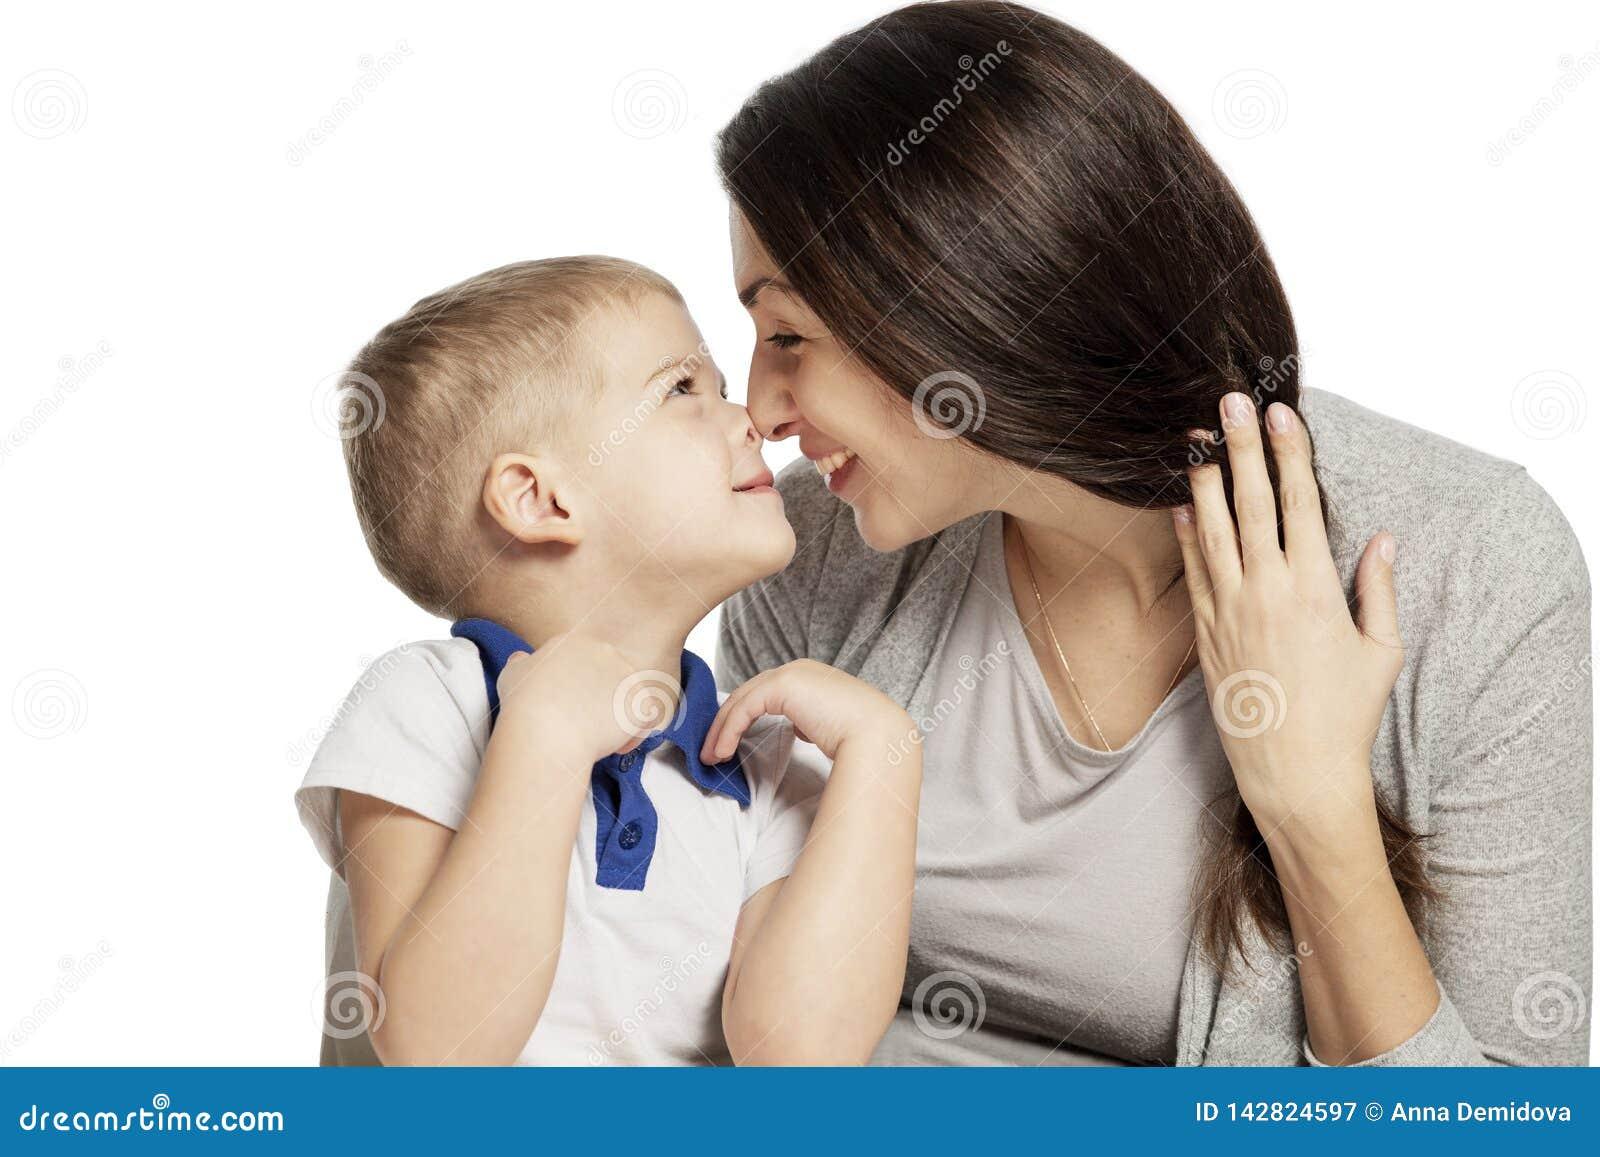 Risas y abrazos lindos del niño pequeño con la mamá, aislada en el fondo blanco Dulzura y amor